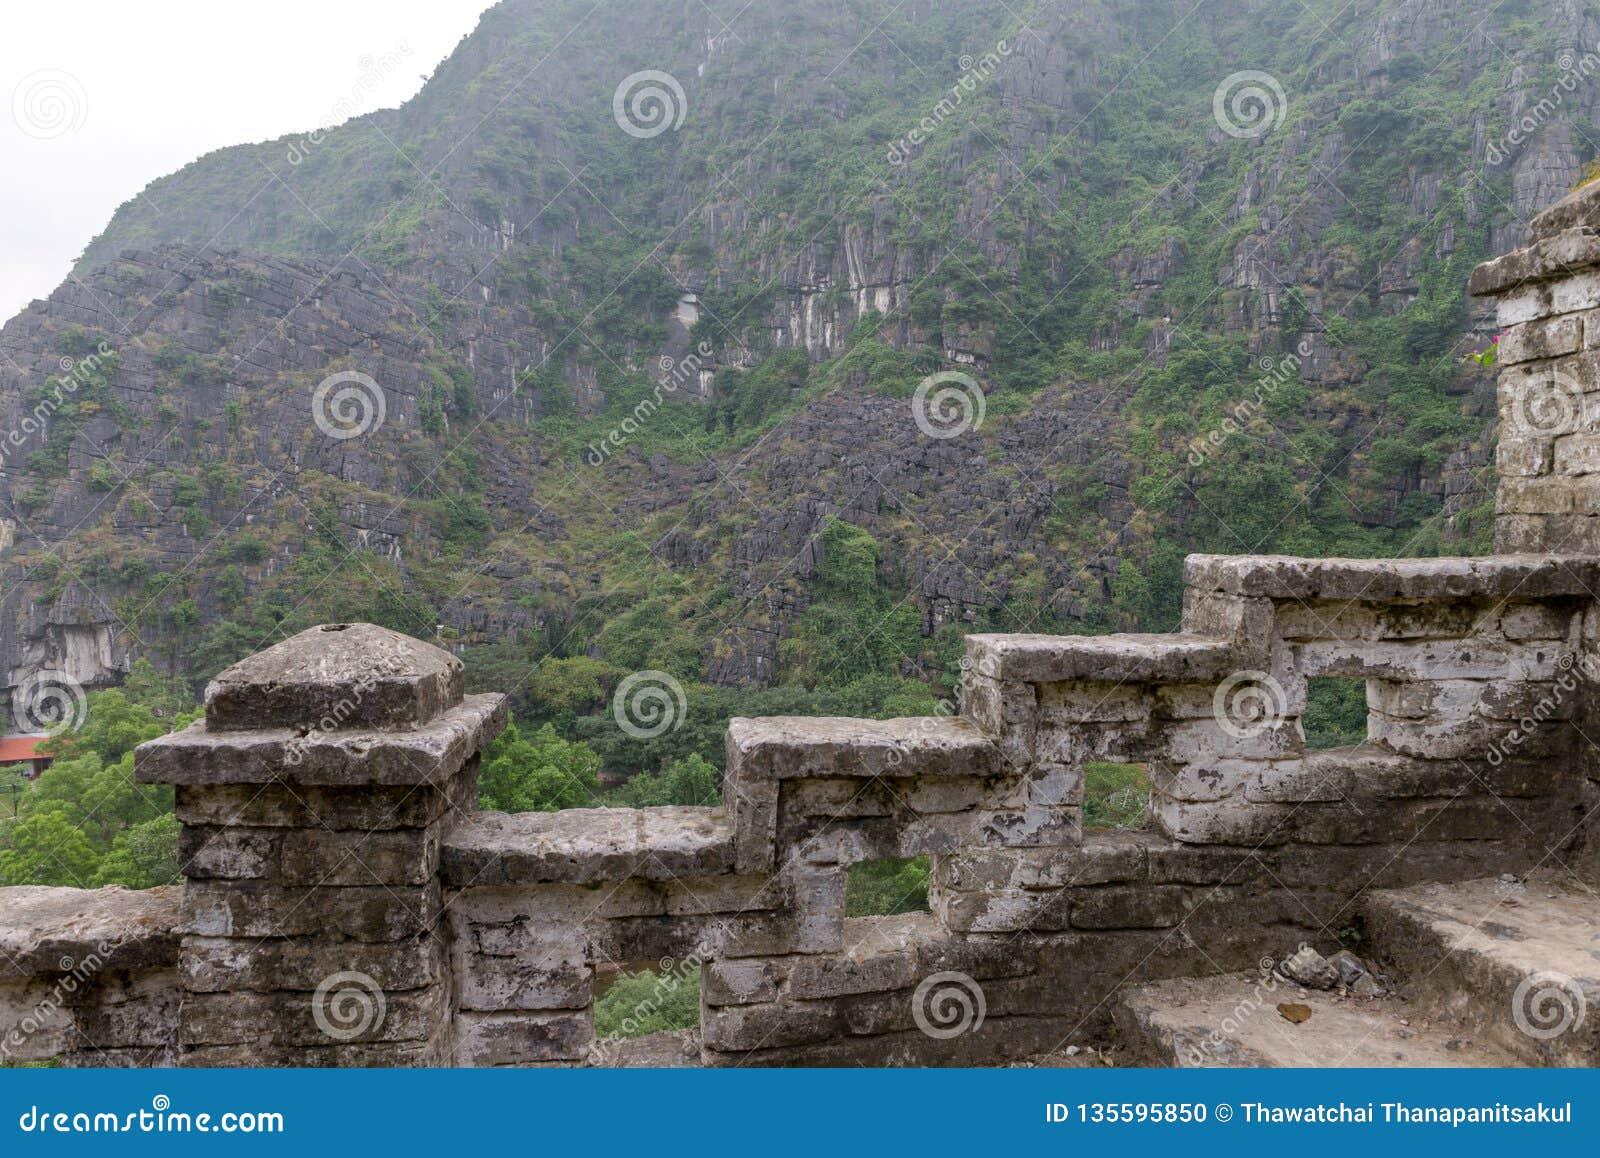 Provincia de Hang Mua Temple Ninh Binh, ha Noi Vietnam Dec 2018